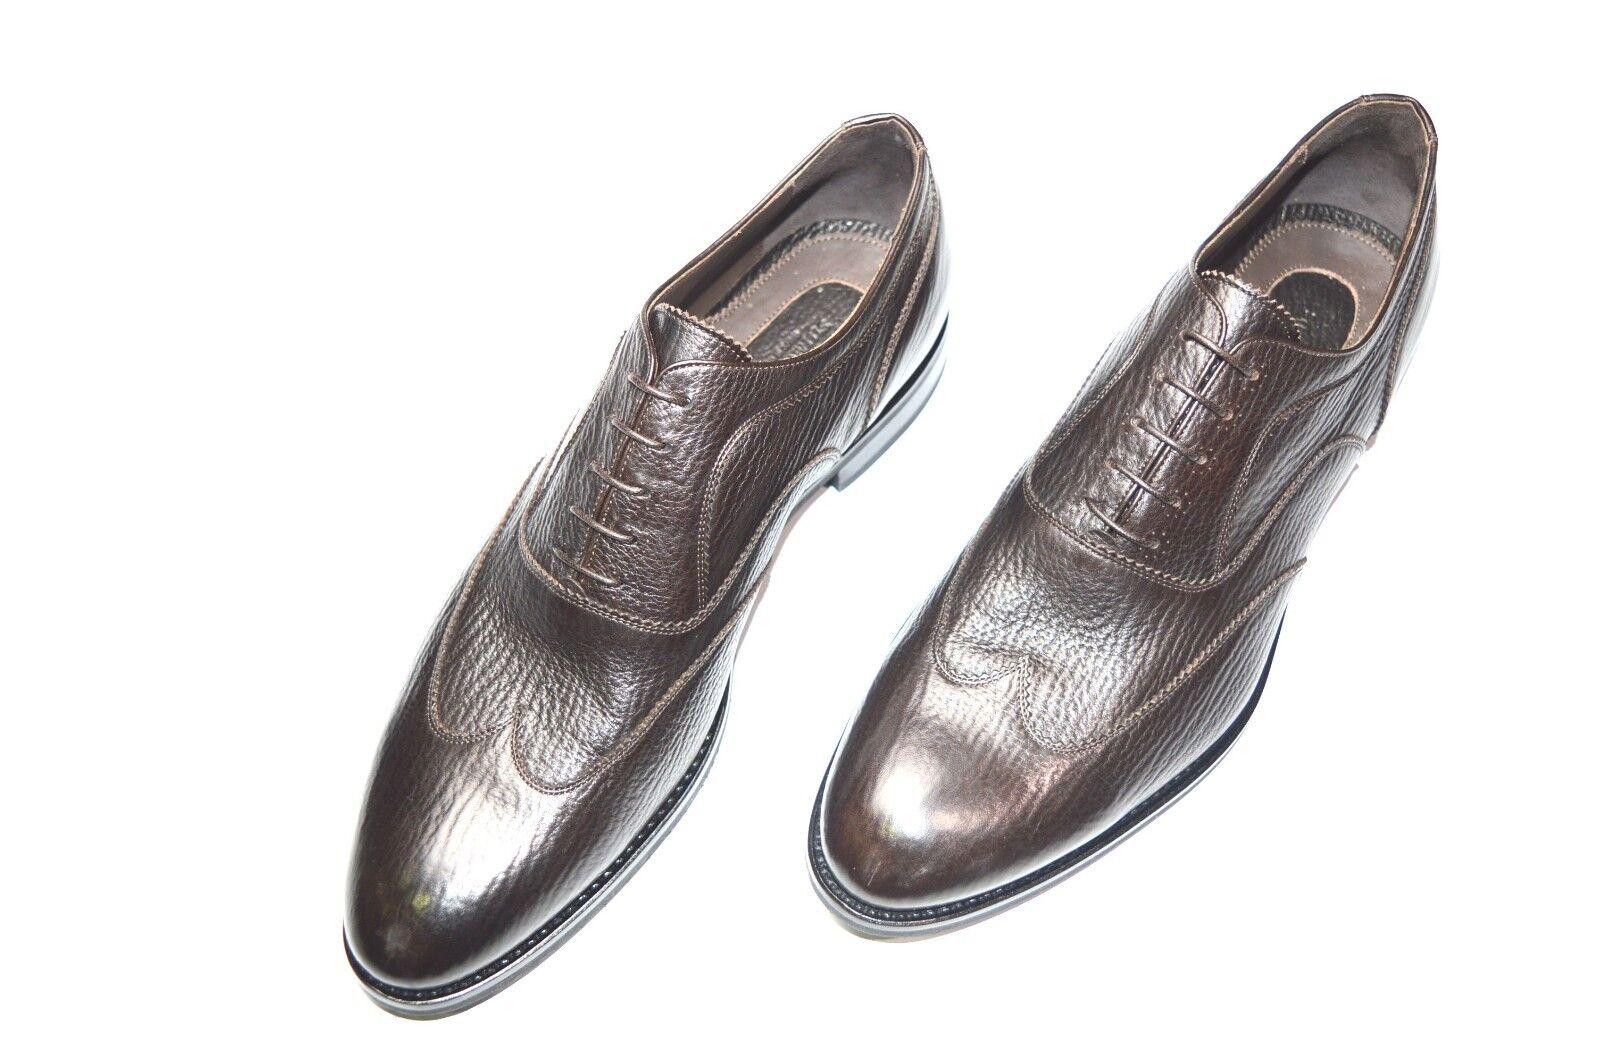 Nuevo De Lujo Cuero STEFANO RICCI Zapatos Talla nos 12 (COD T40)